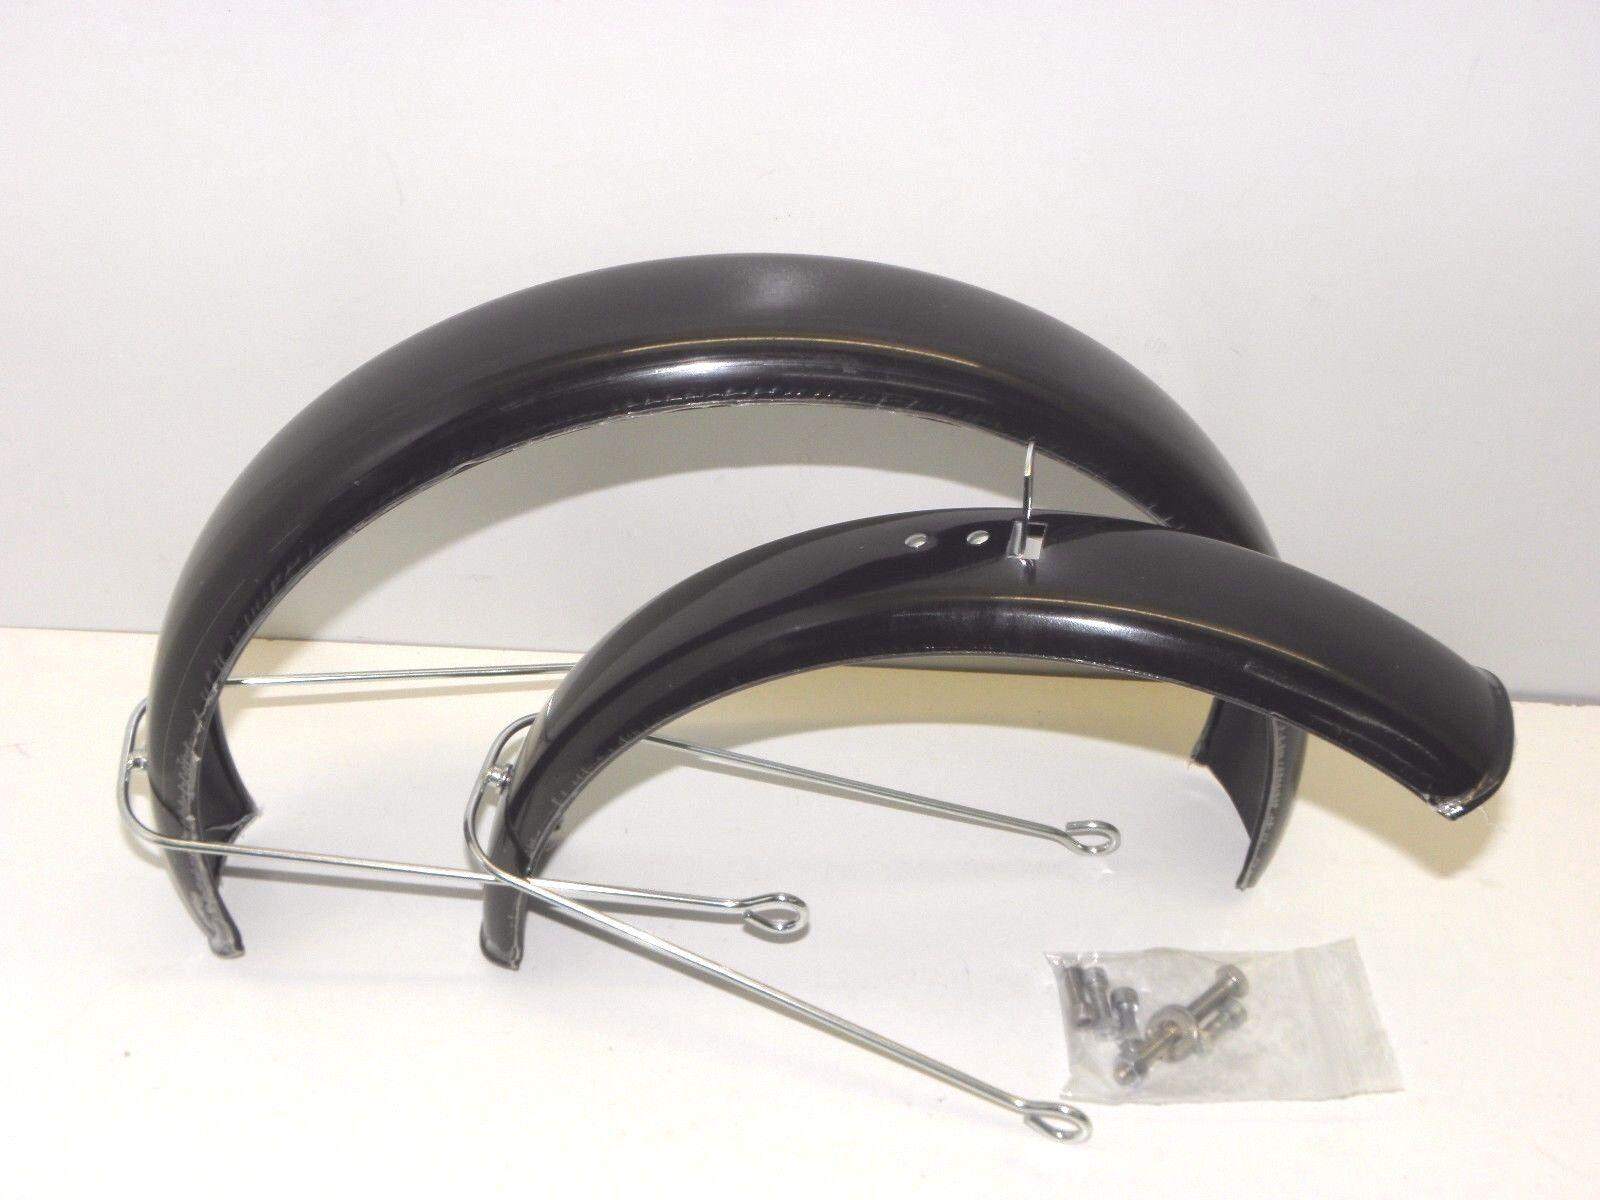 Fahrrad Schutzbleche Garnitur 12.1/2 Zoll schwarz mit Streben+Schrauben 25100